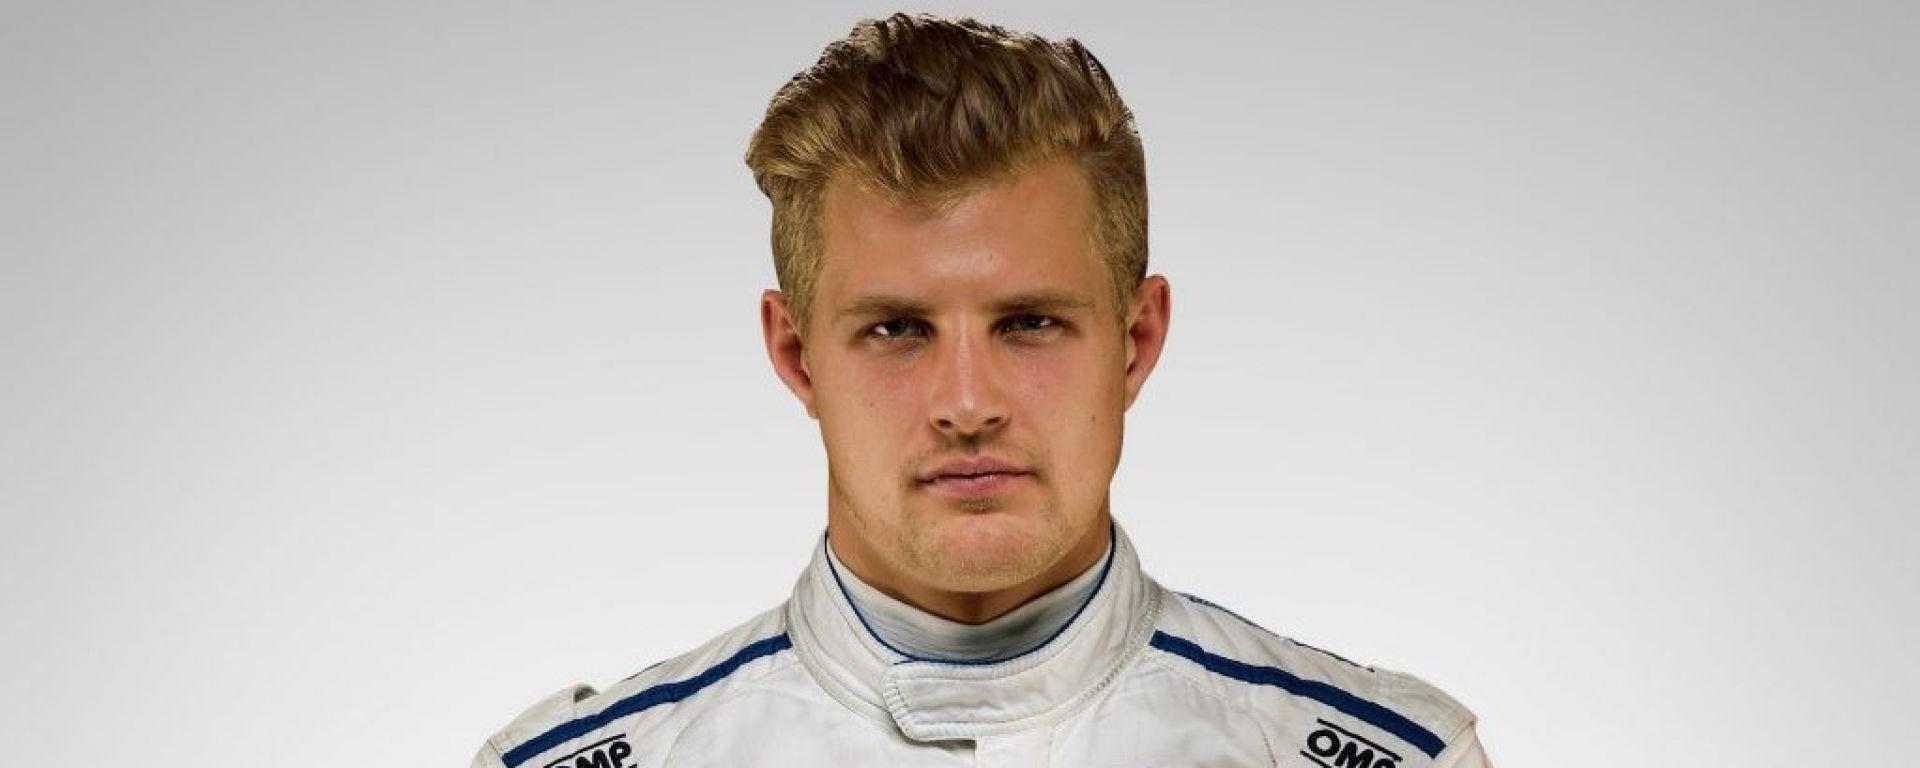 Marcus Ericsson #9